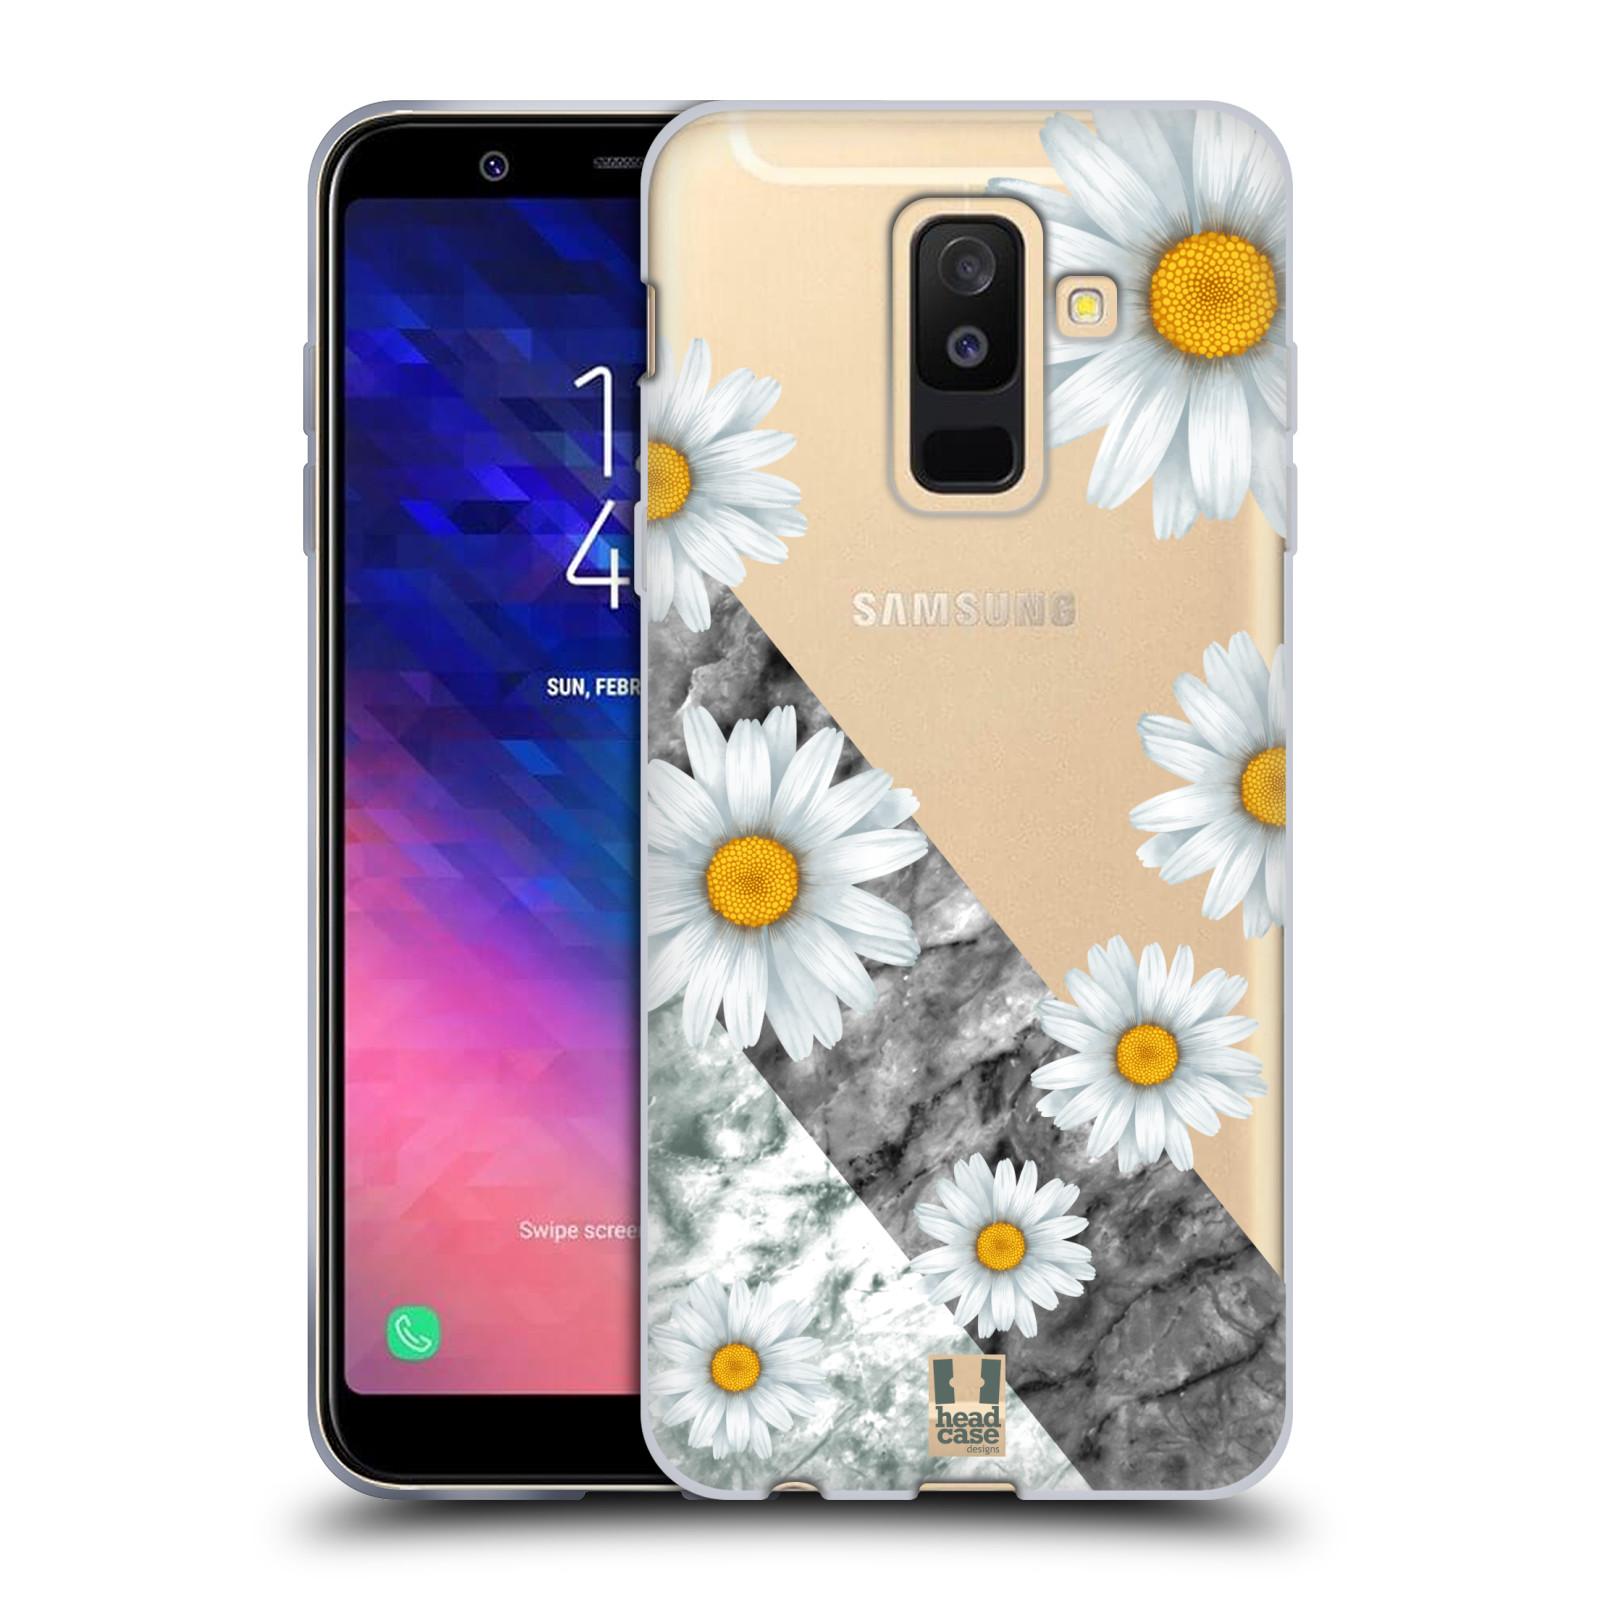 Silikonové pouzdro na mobil Samsung Galaxy A6 Plus (2018) - Head Case - Kopretiny a mramor